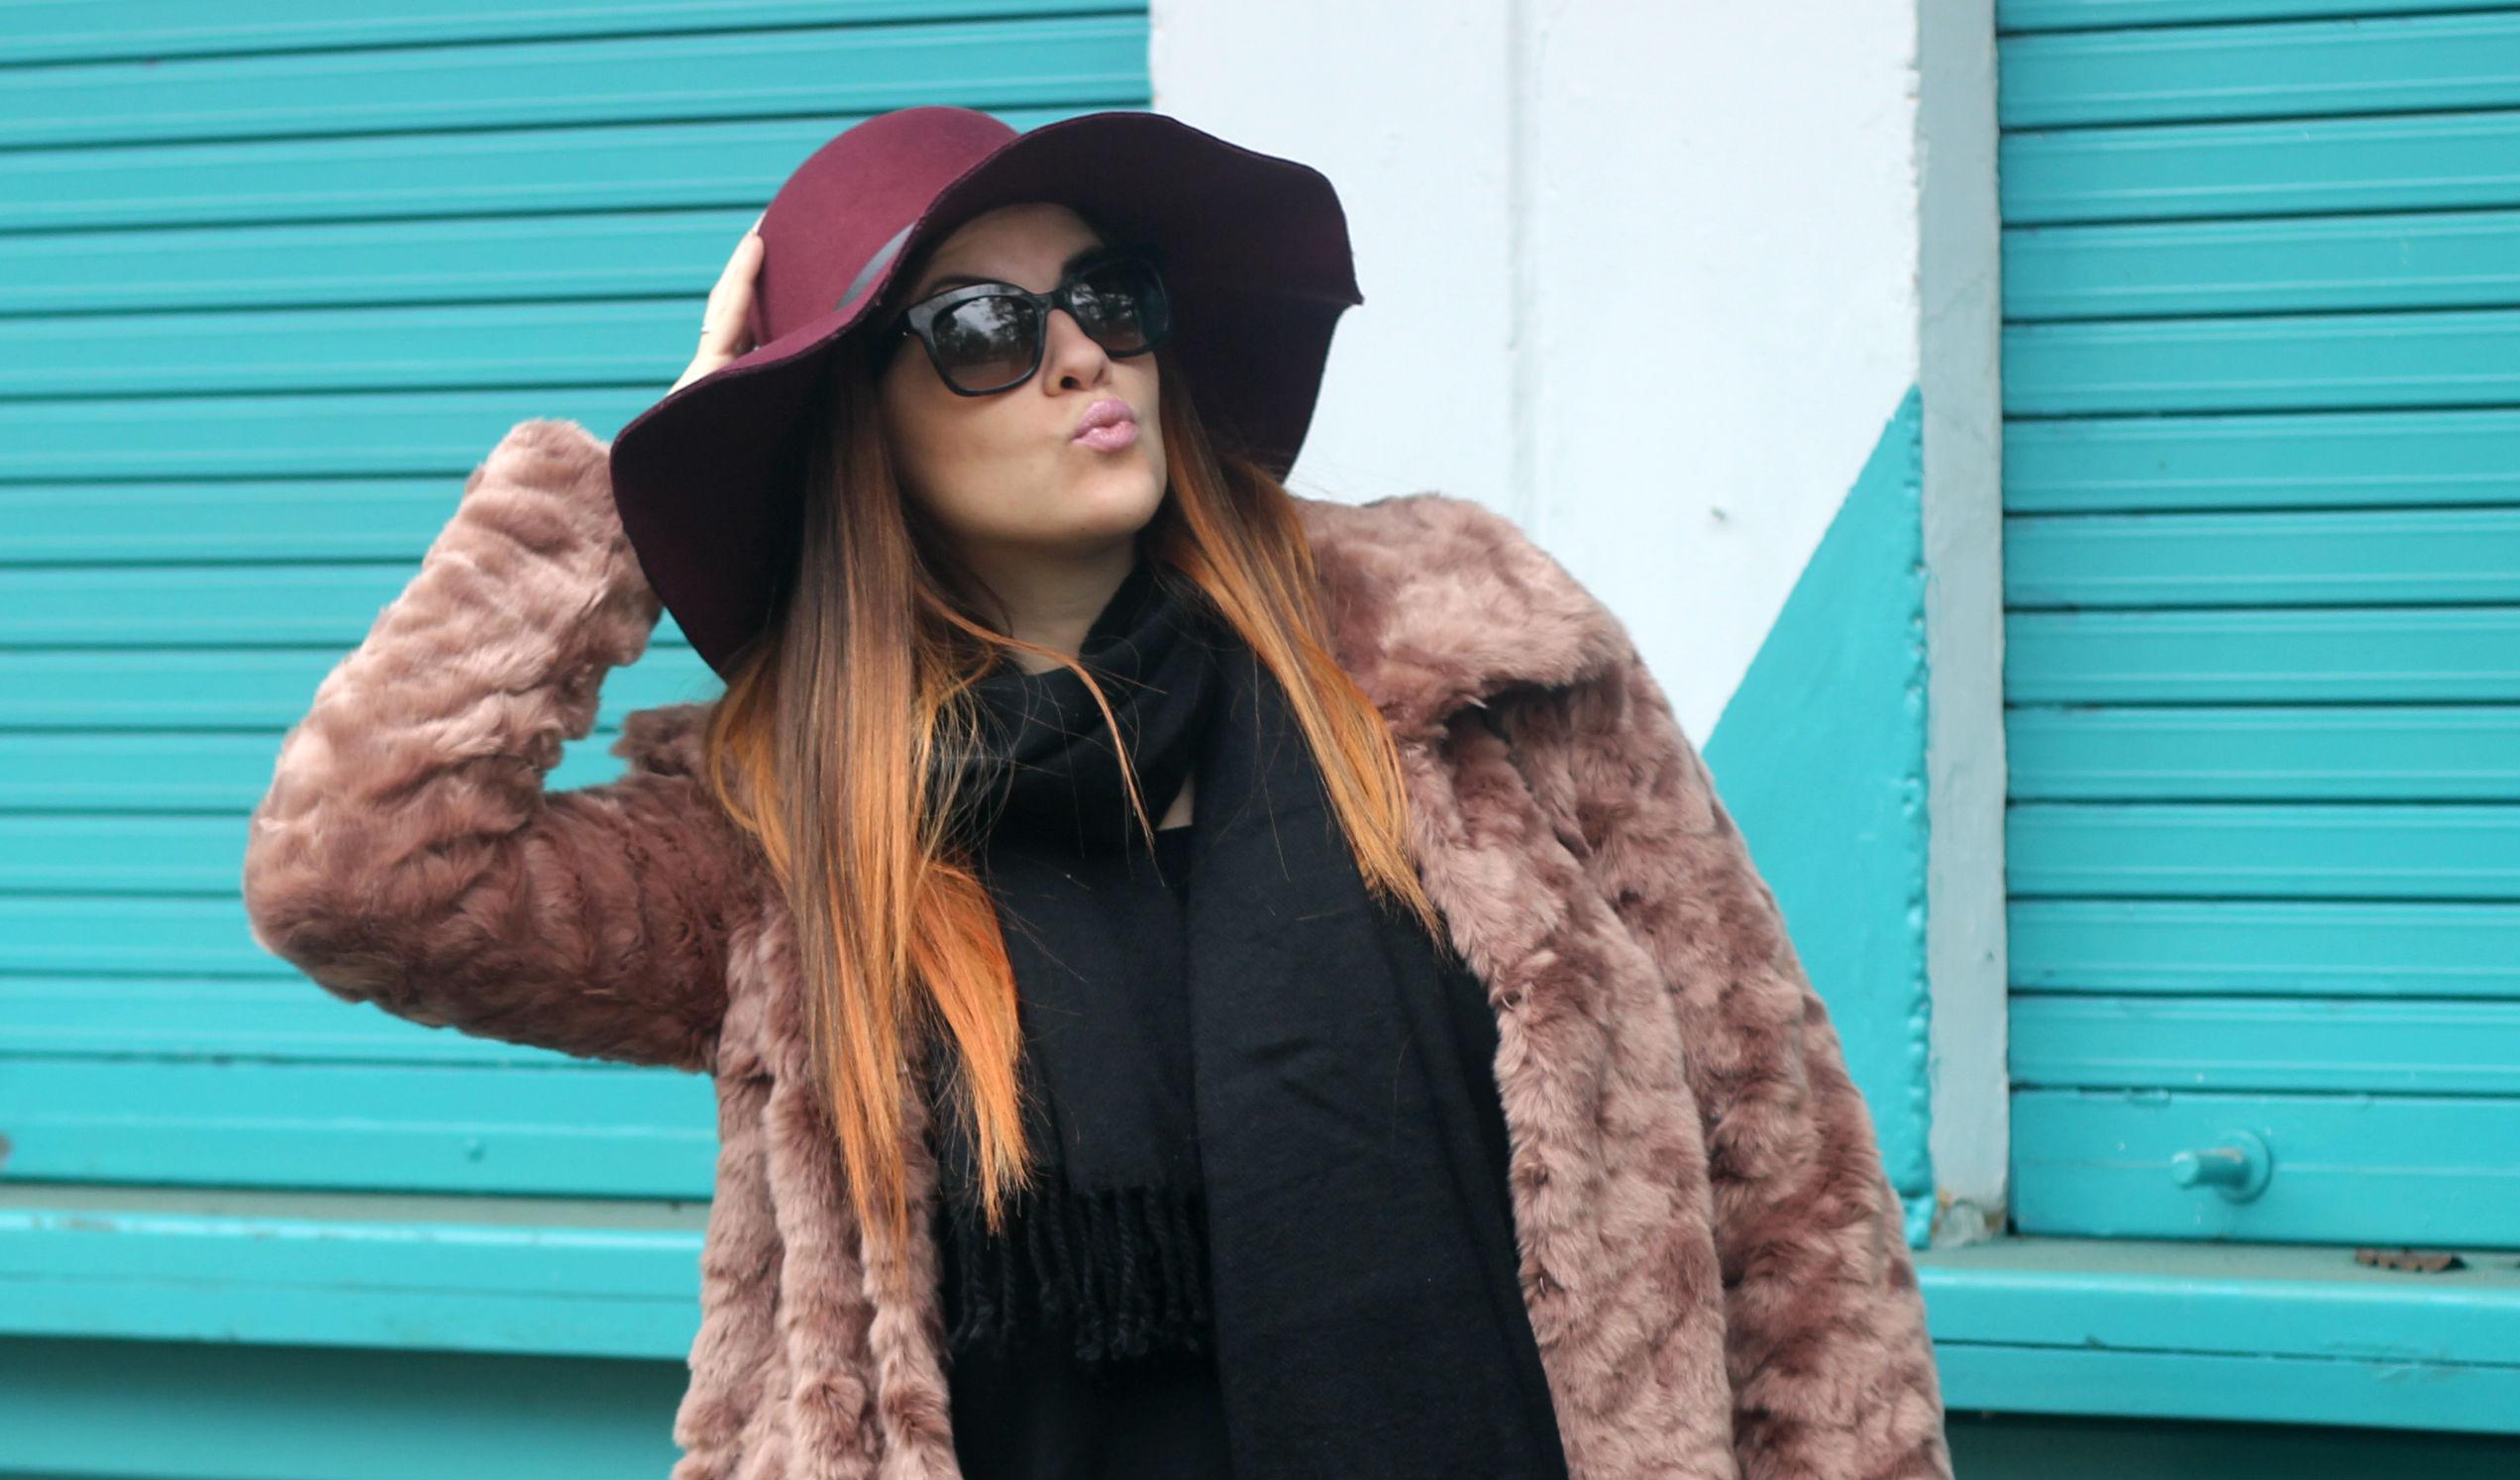 elisabetta bertolini - fashion blogger italiane - outfit trends inverno 2016